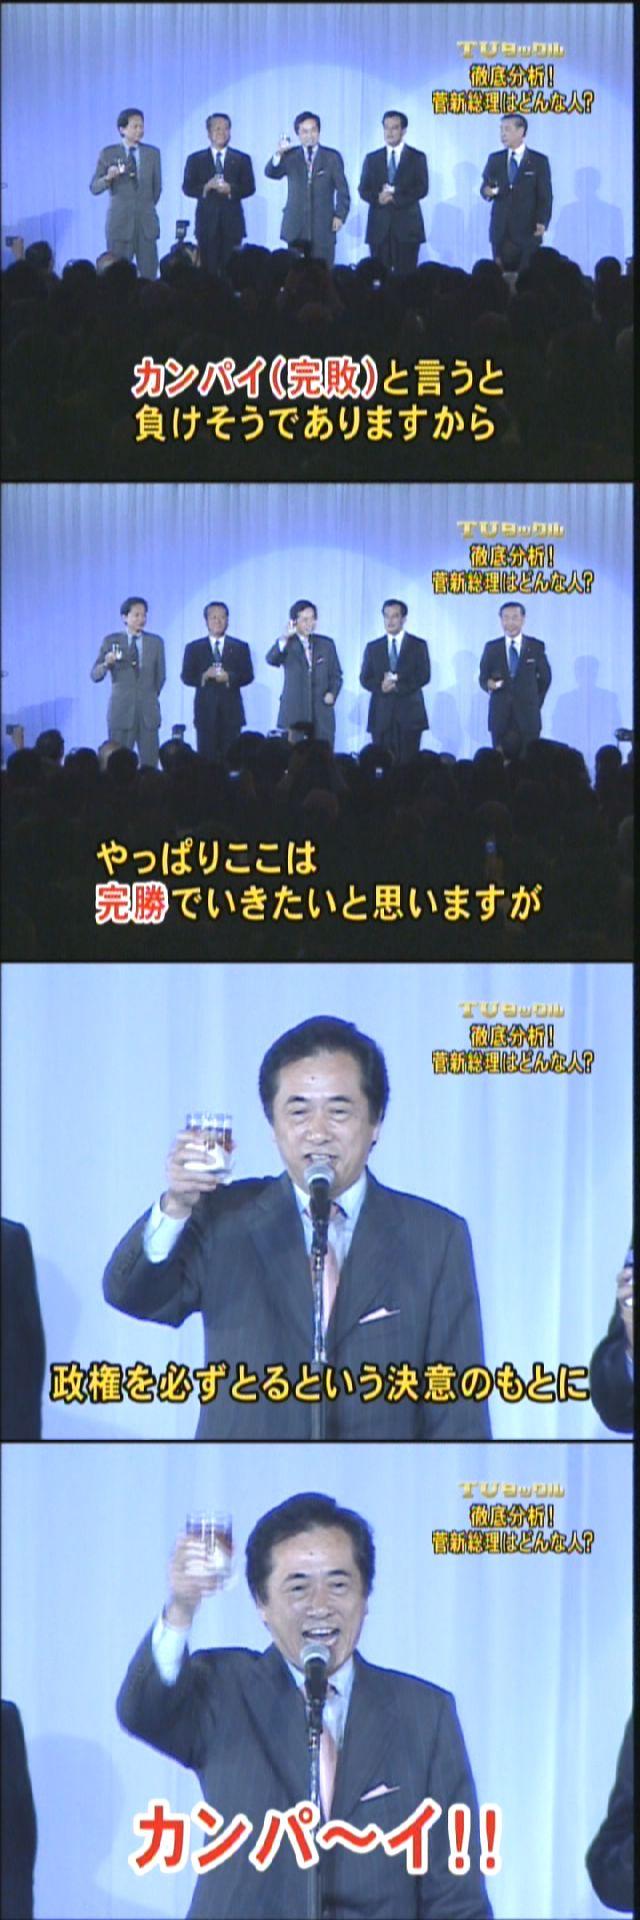 bakagazou7.jpg